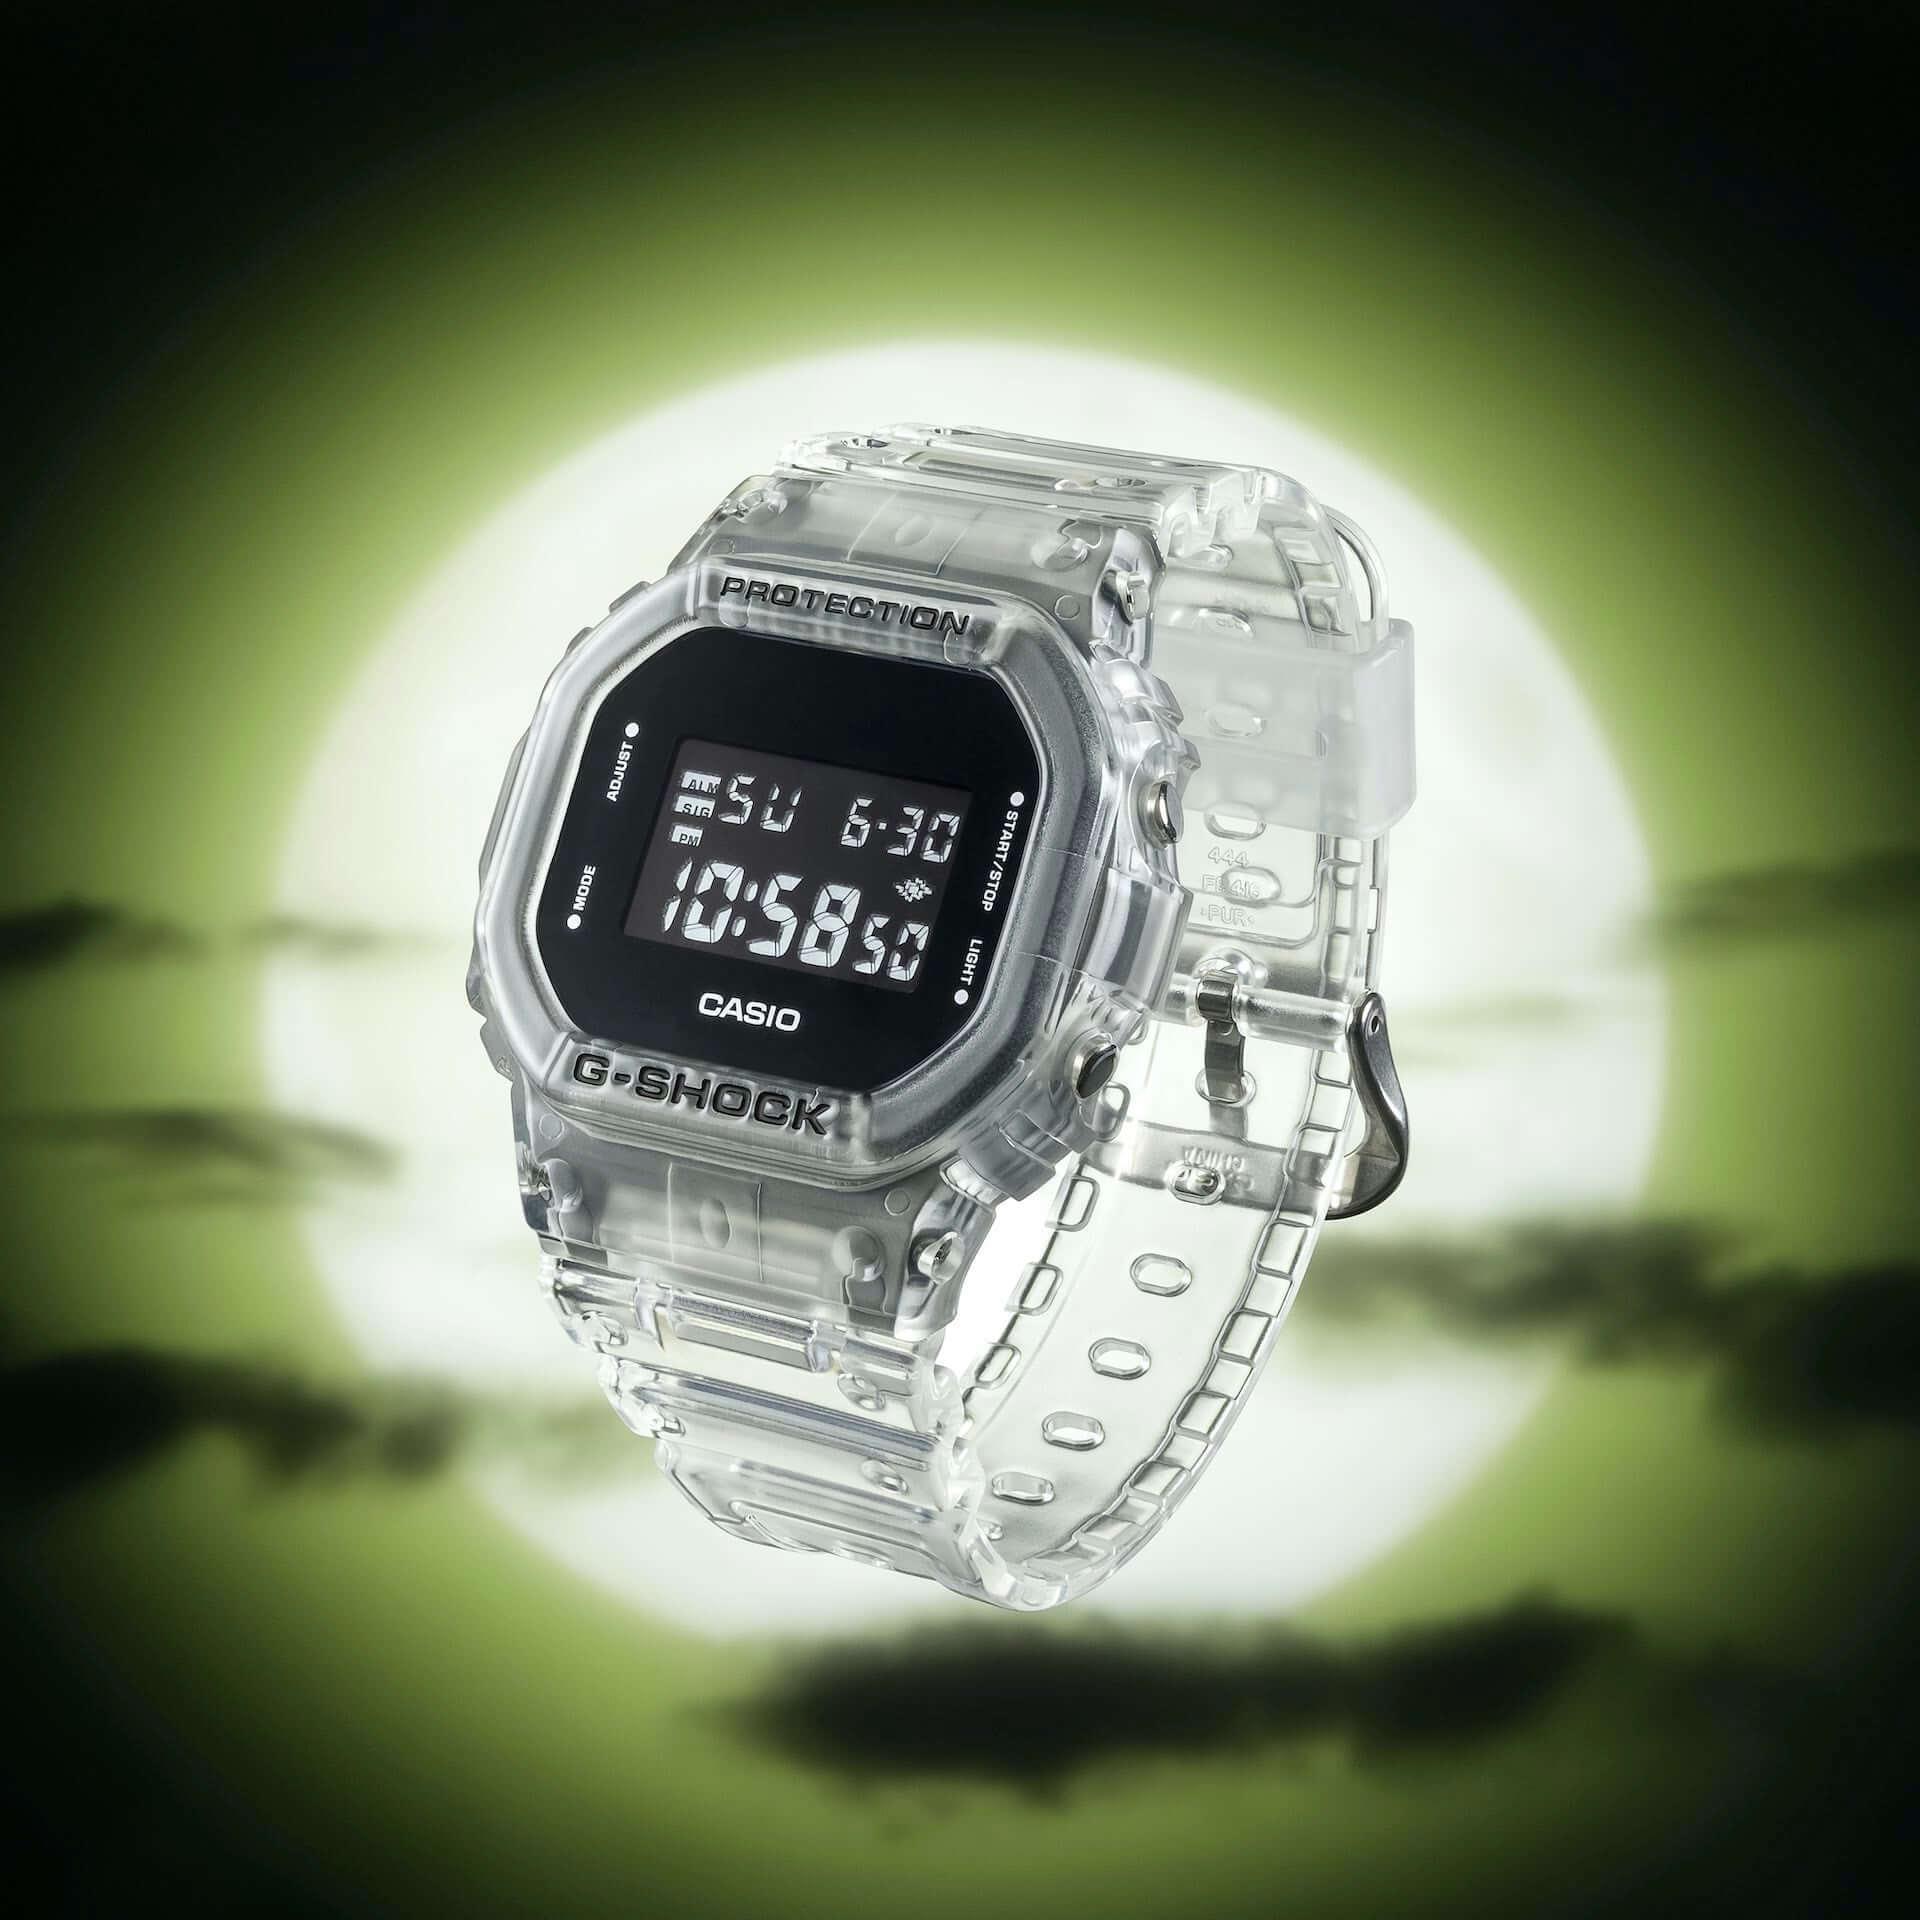 G-SHOCKのスケルトンシリーズに新作が登場!元祖スクエアモデル『DW-5600』やスポーティーモデル『GA-2000』など全6種 tech210202_g-shock_10-1920x1920